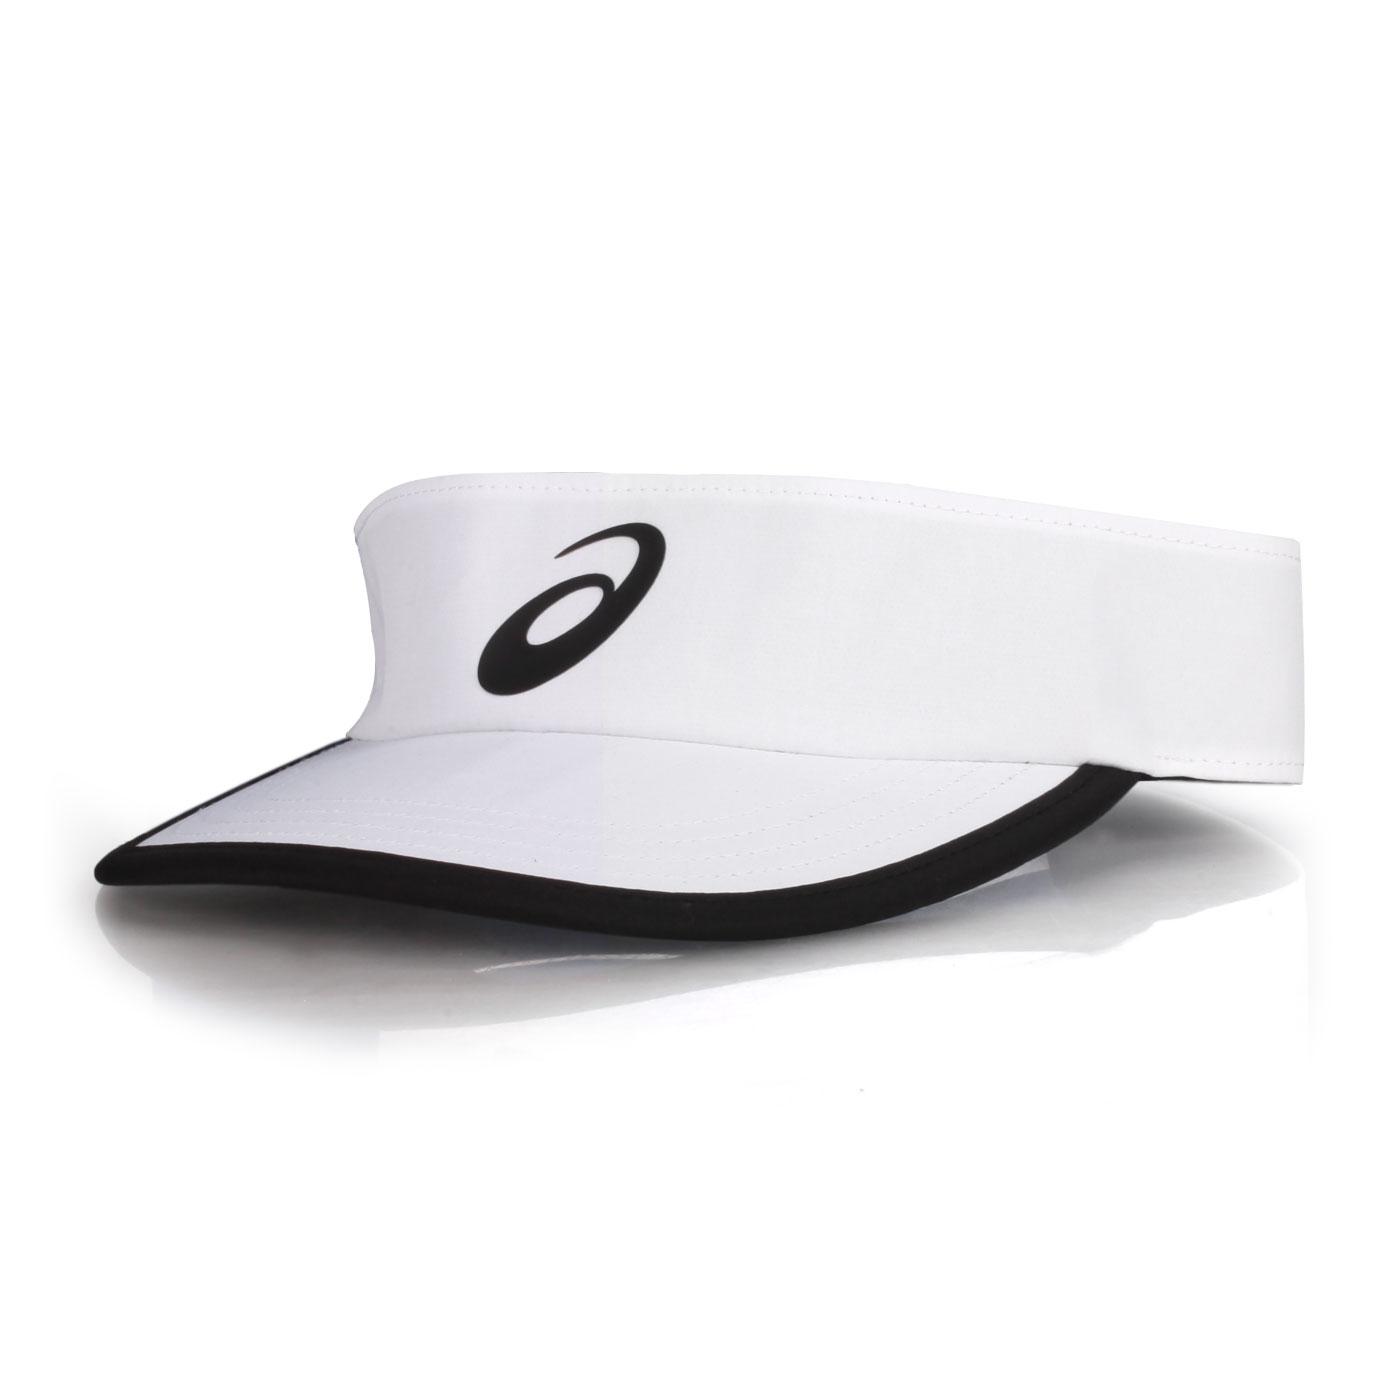 ASICS 遮陽帽 3043A018-100 - 白黑